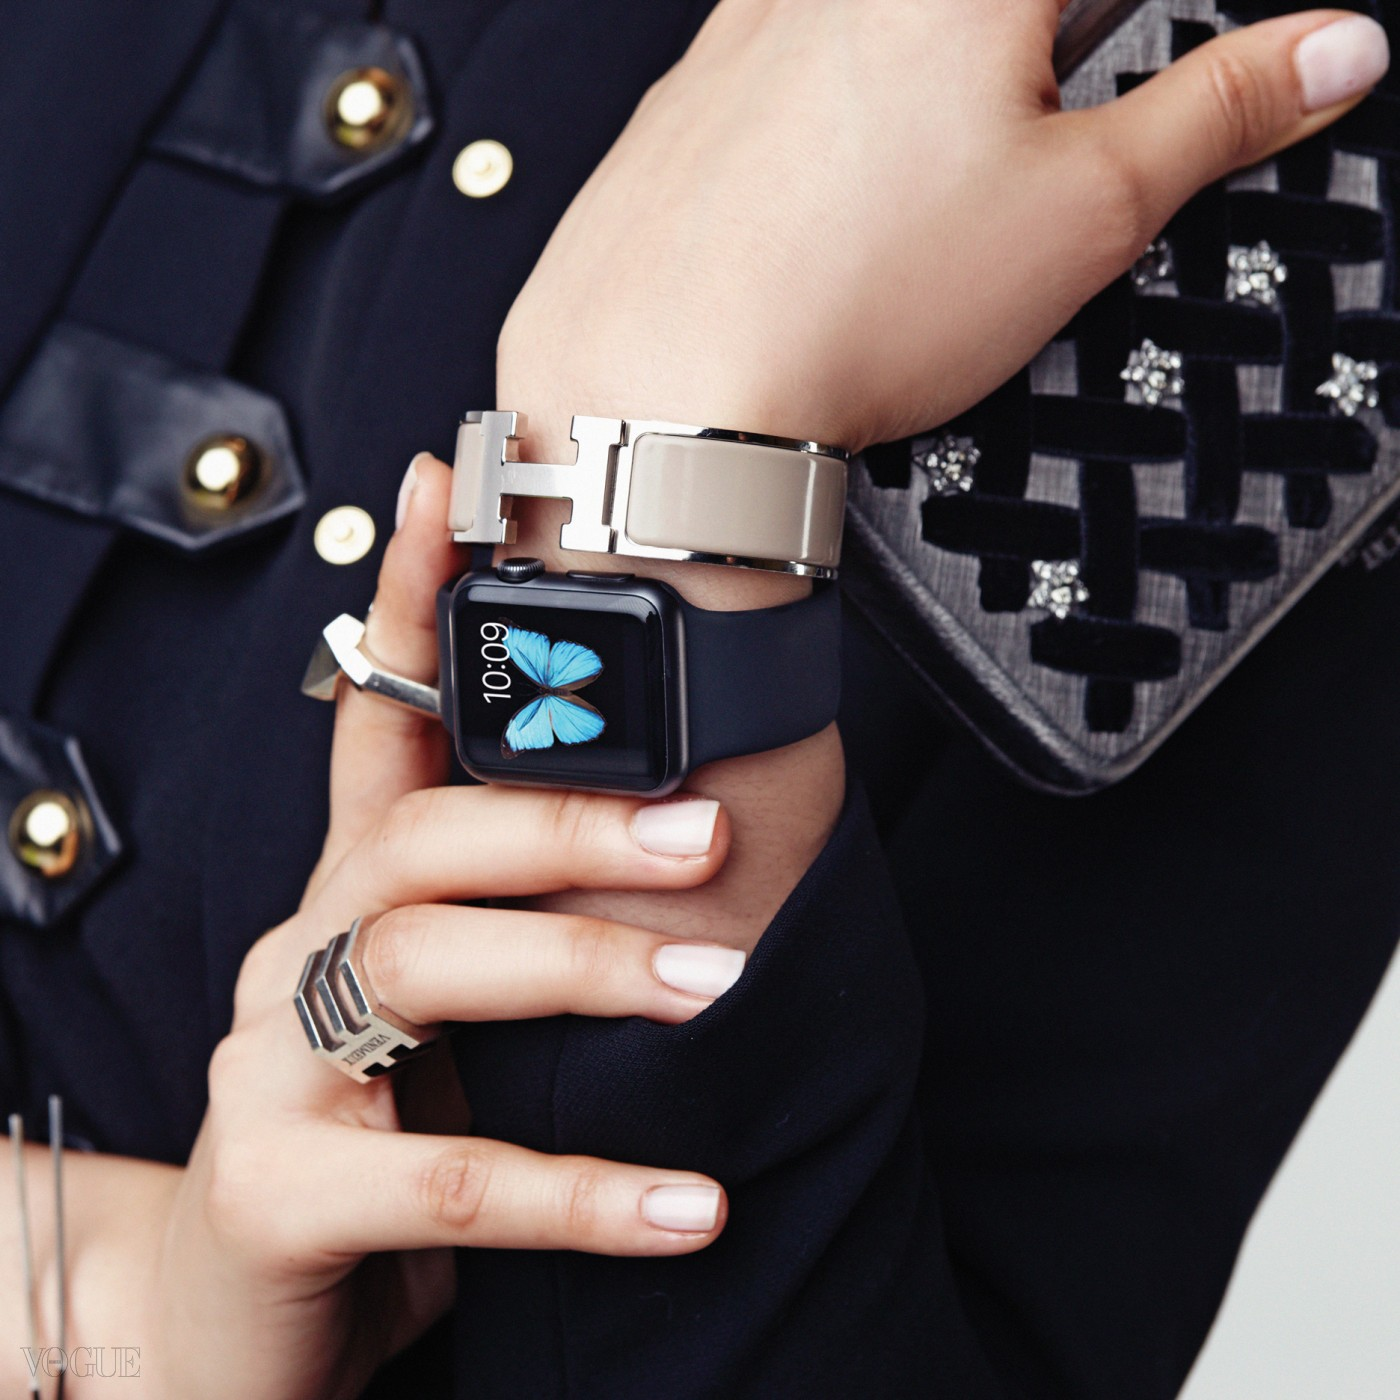 뱅글은 에르메스(Hermès), 반지는 모두 베니뮤(Venimeux), 클러치는 샤넬(Chanel), 드레스는 생로랑(Saint Laurent). 애플 워치는 스페이스 그레이 알루미늄 케이스의 블랙 스포츠 밴드.